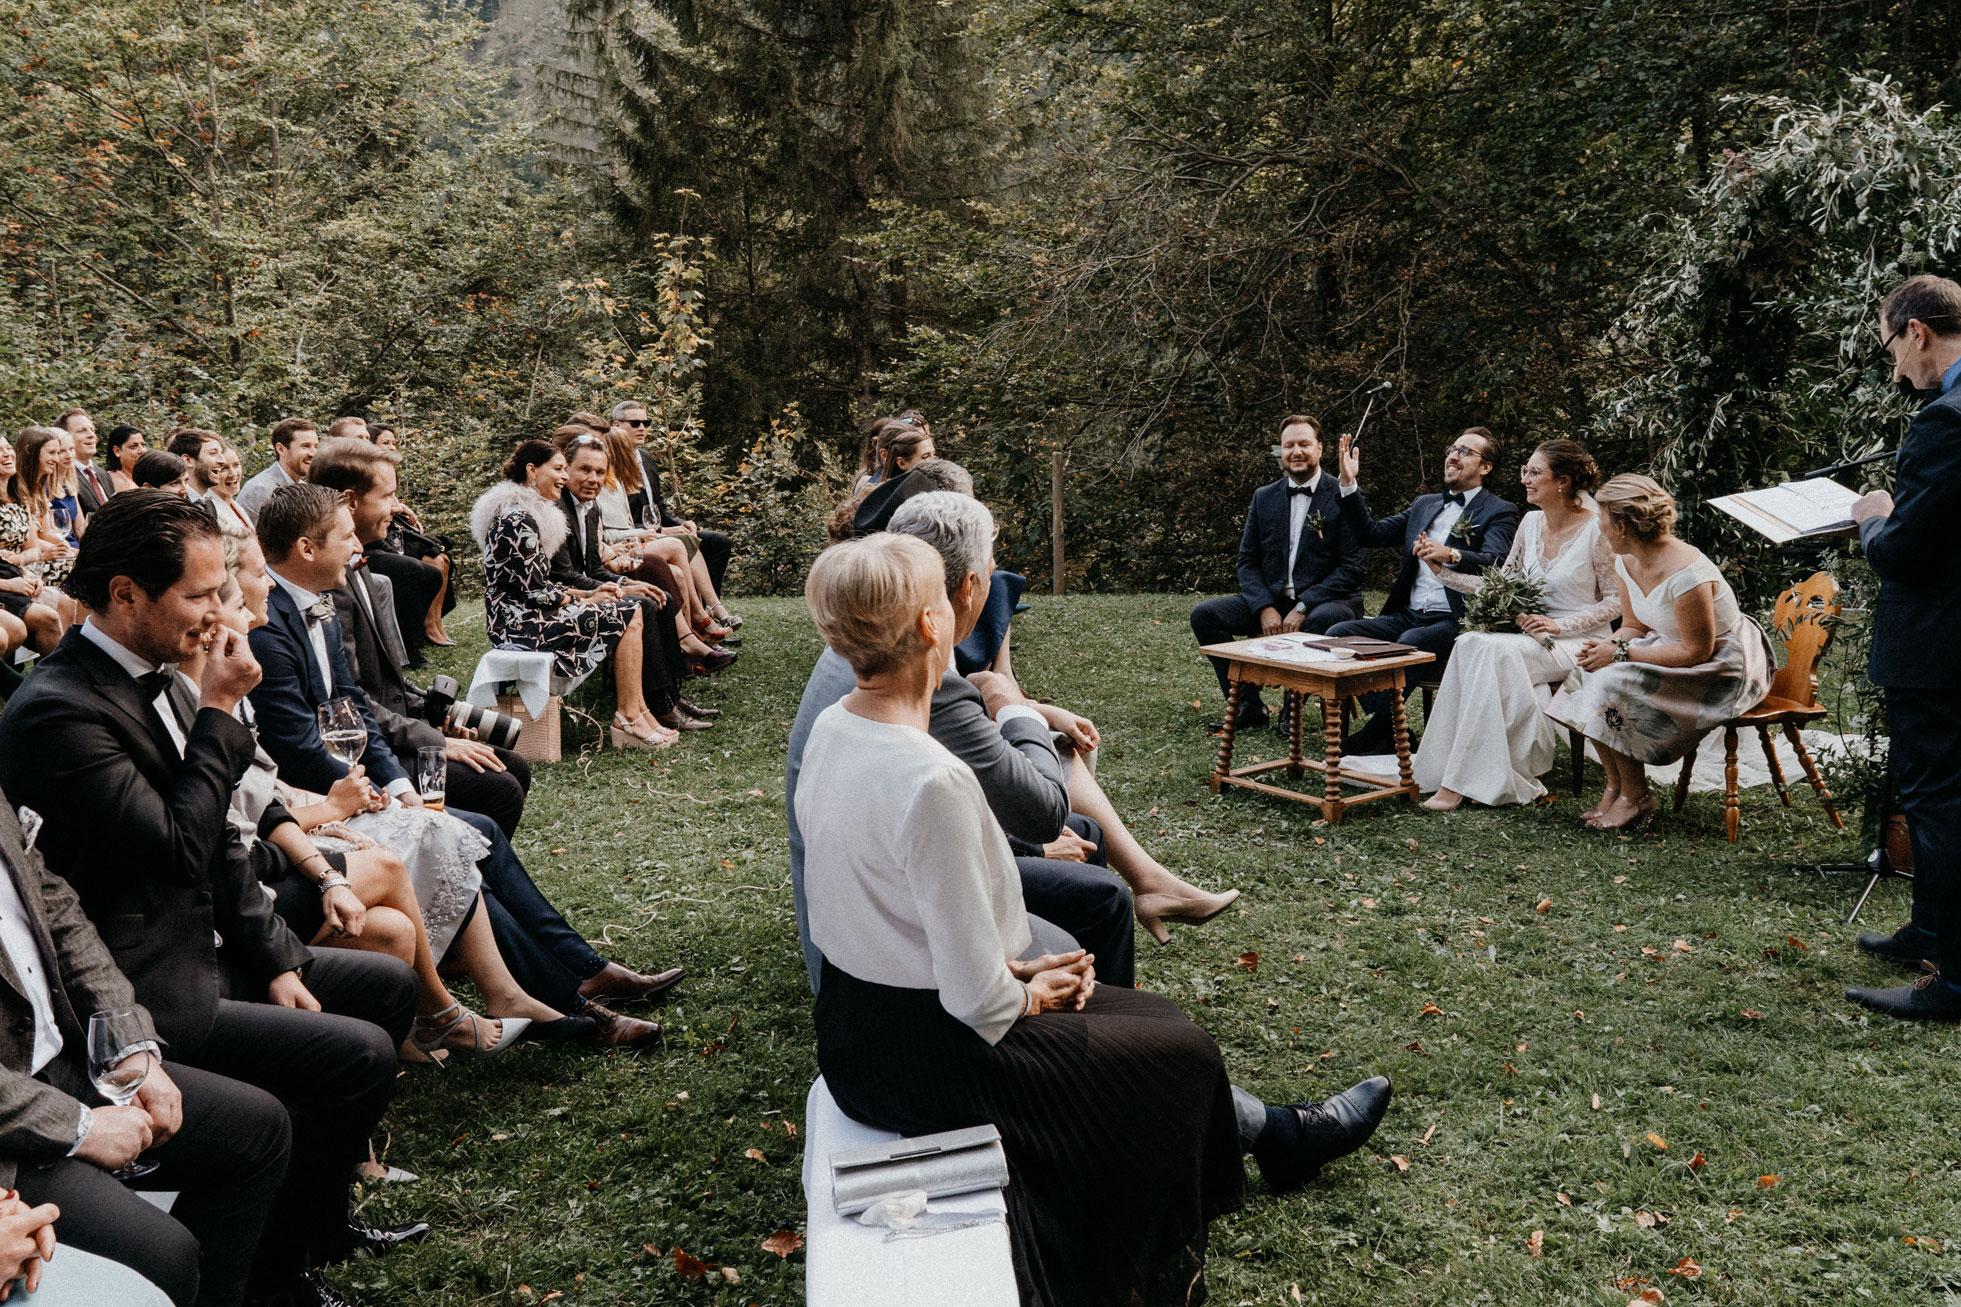 Hochzeit_Claire_Manuel_Villa_Maund_Daniel_Jenny-117.jpg